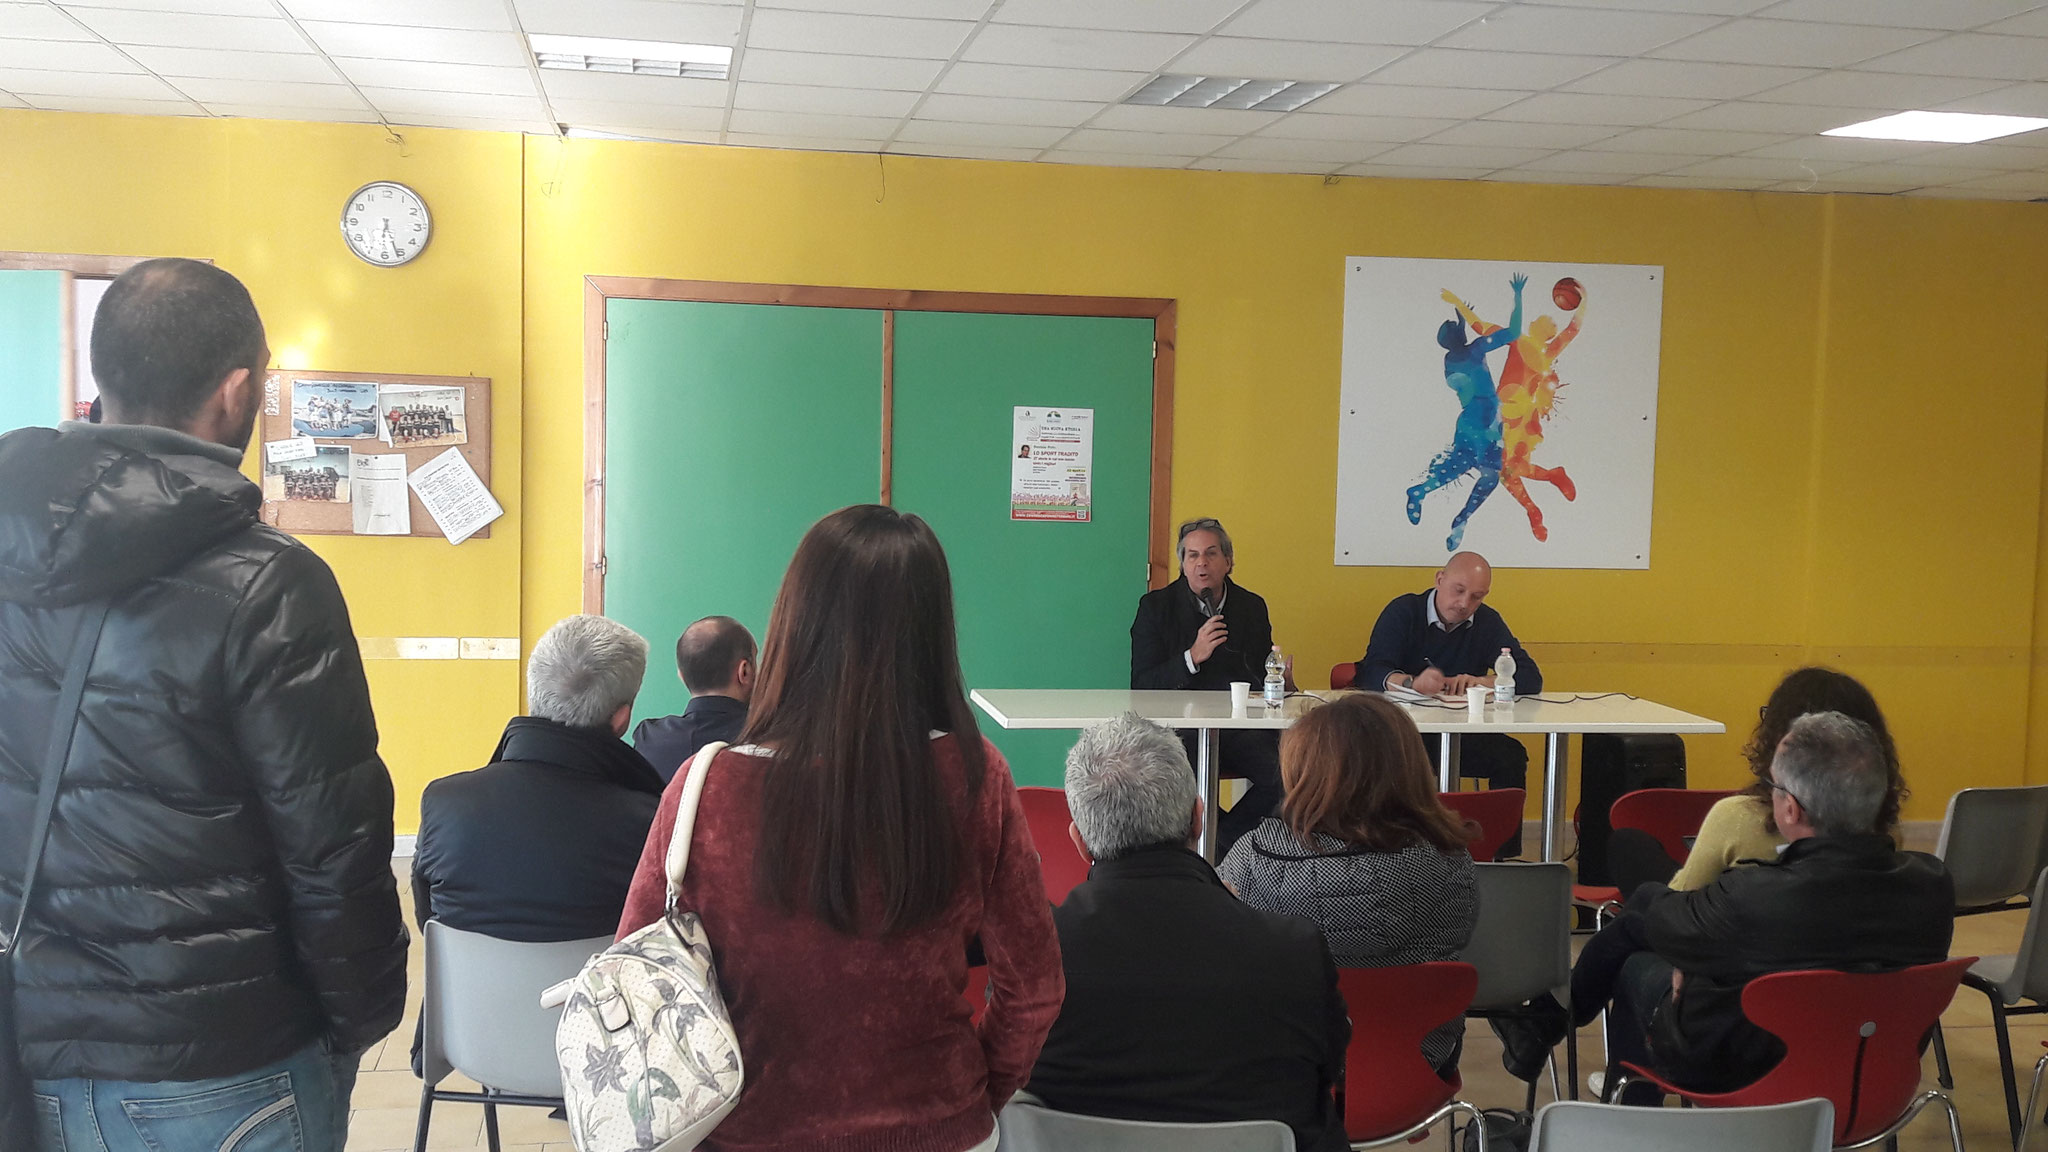 """Daniele Poto con """"Lo sport tradito"""" al PalaCarrassi. Modera: Ninni Perchiazzi"""